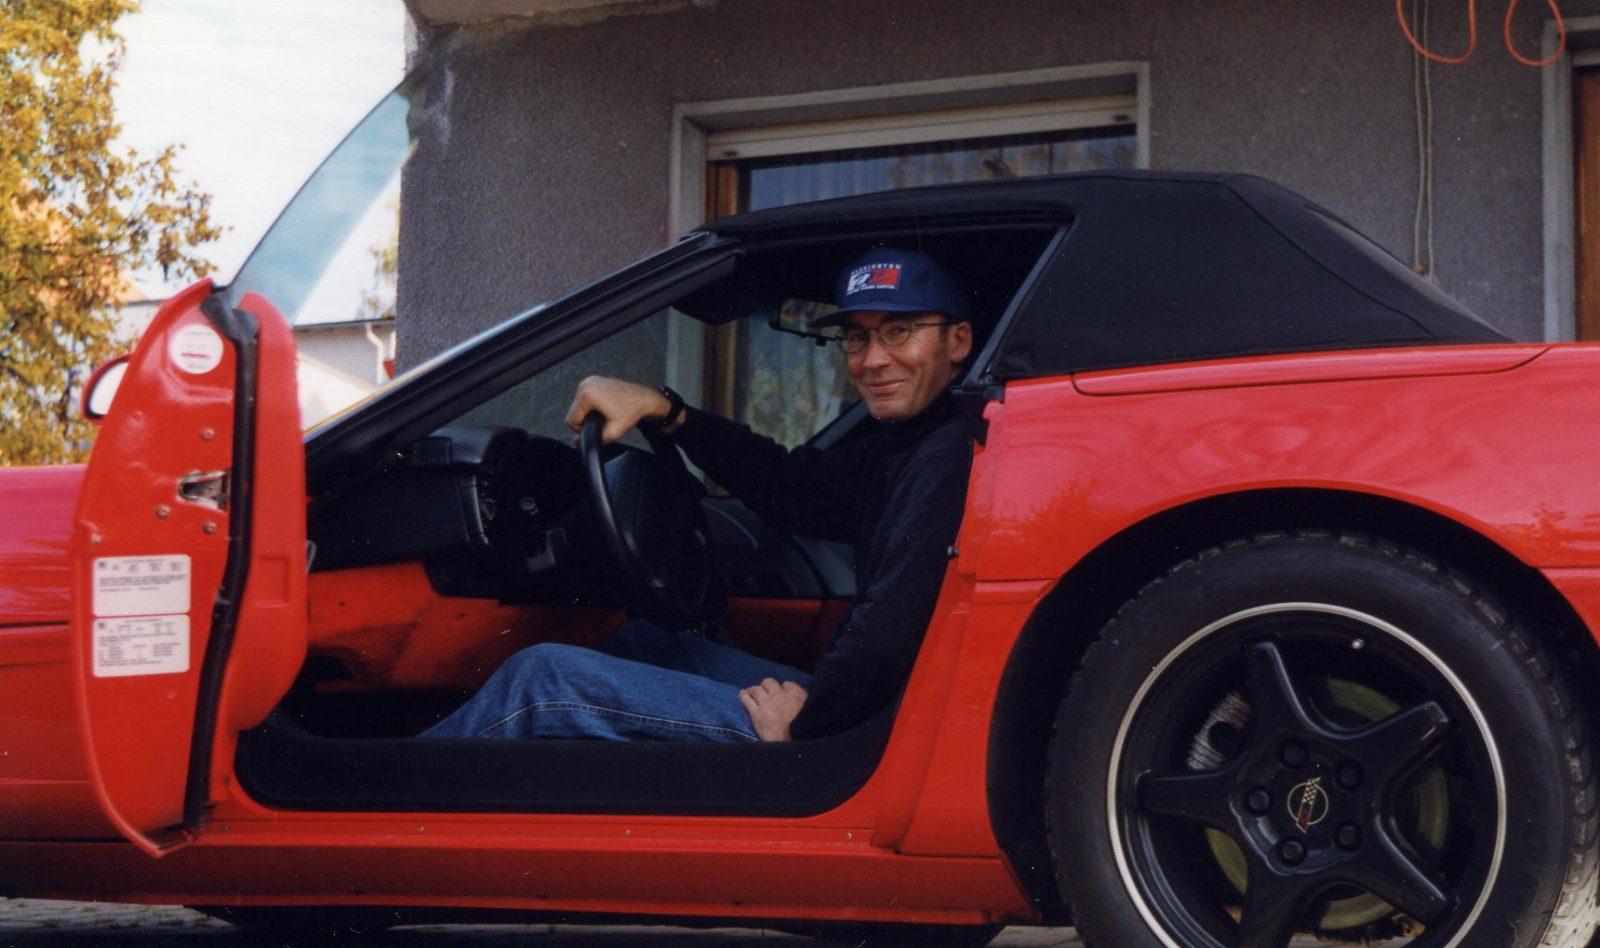 1999 Chevrolet Corvette C4 a